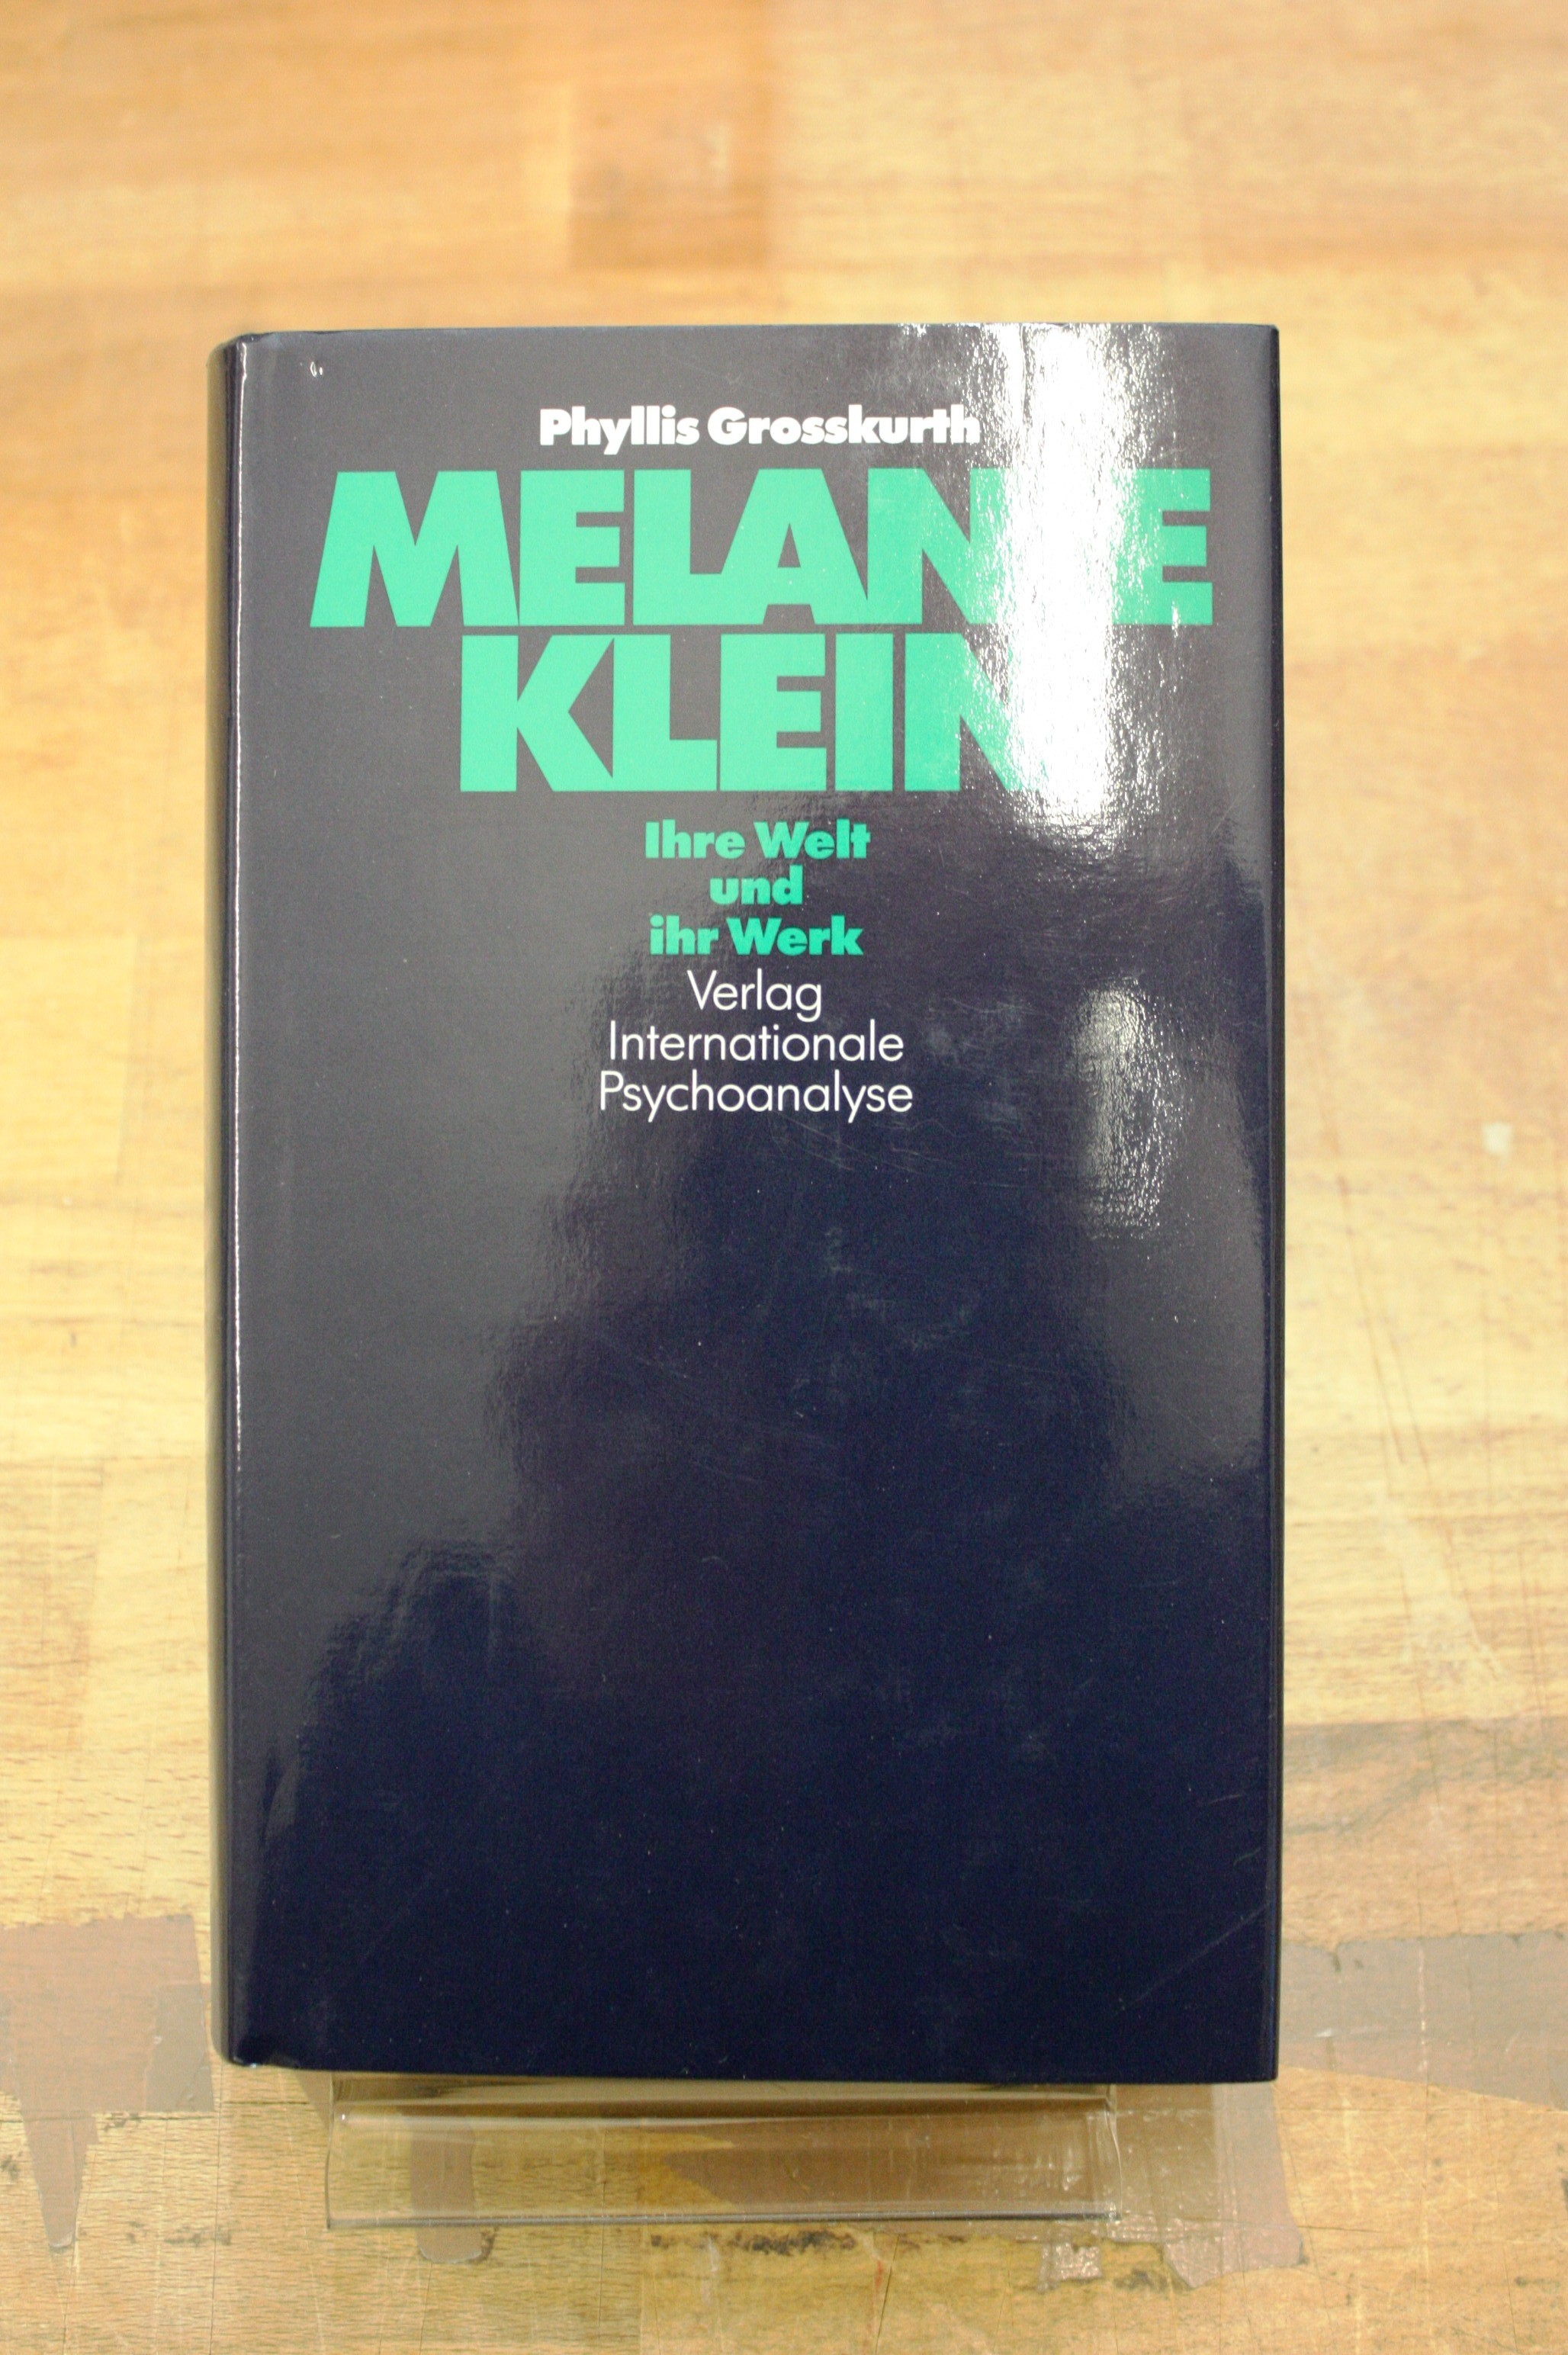 Melanie Klein Leben und Werk - Phyllis Grosskurth